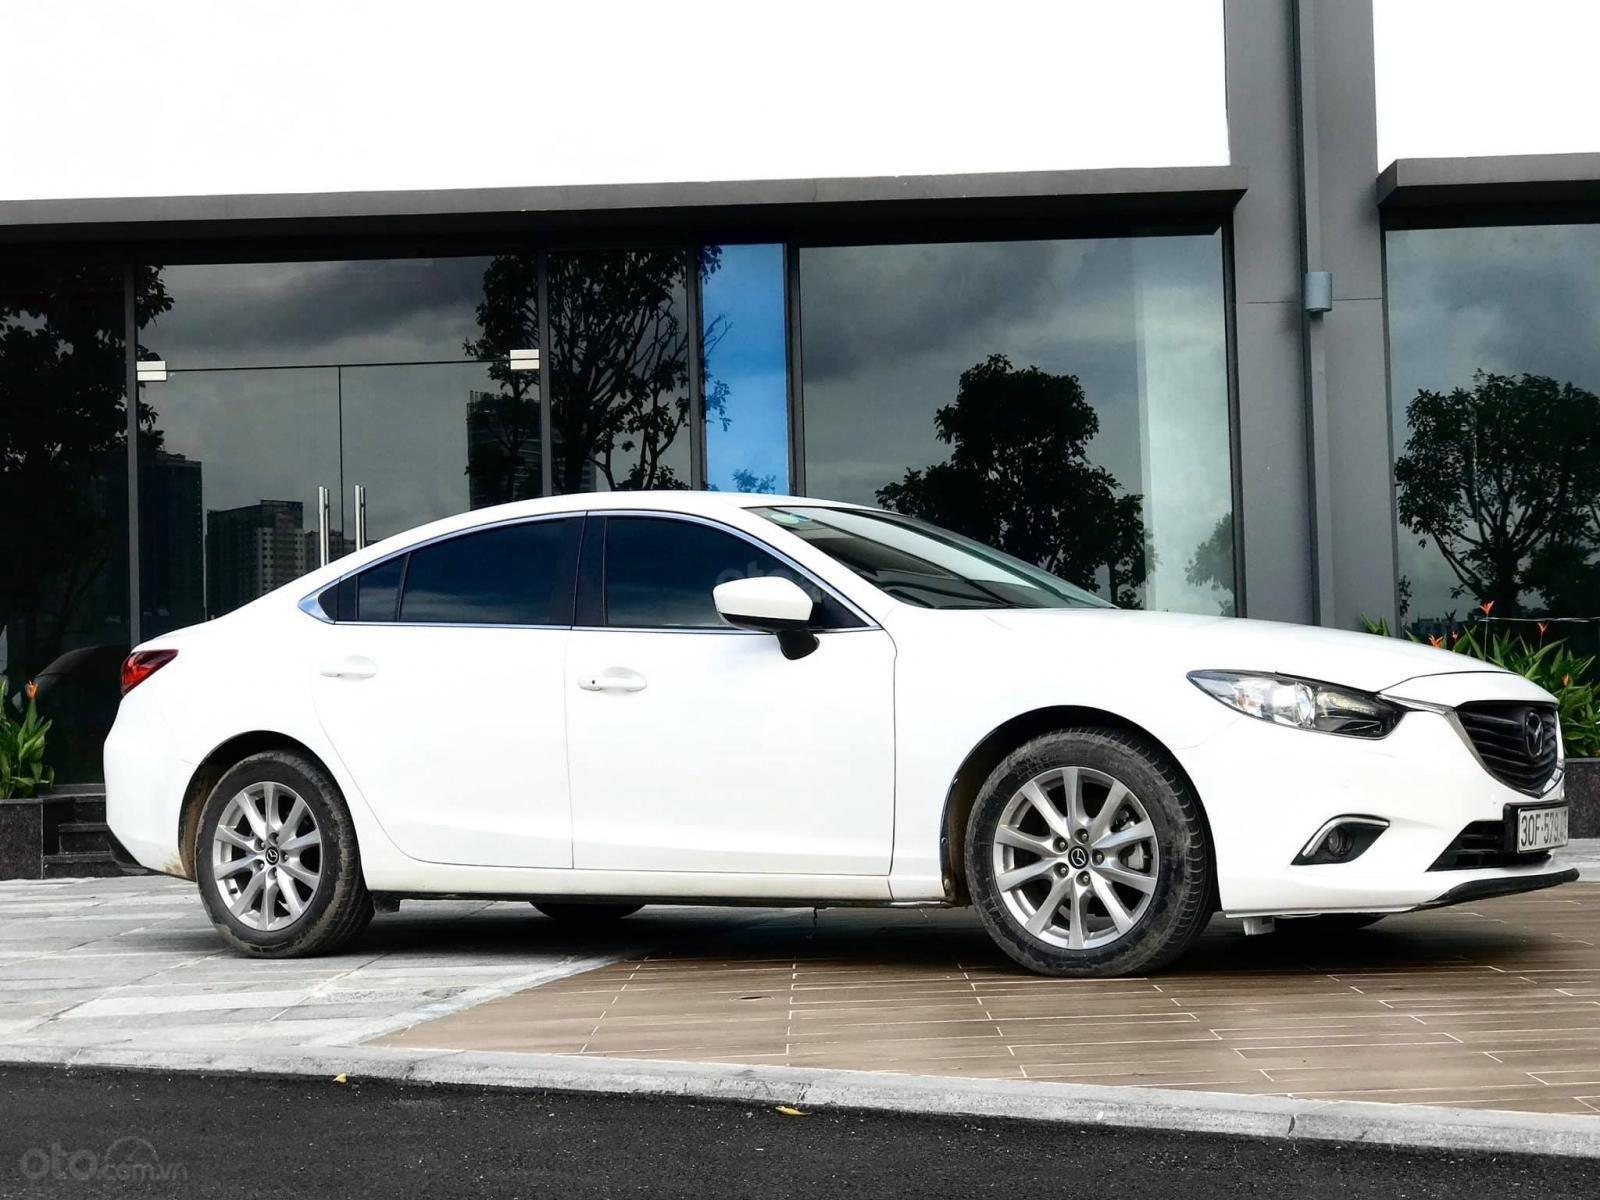 Cần bán Mazda 6 2.0 sản xuất 2016, màu trắng (4)